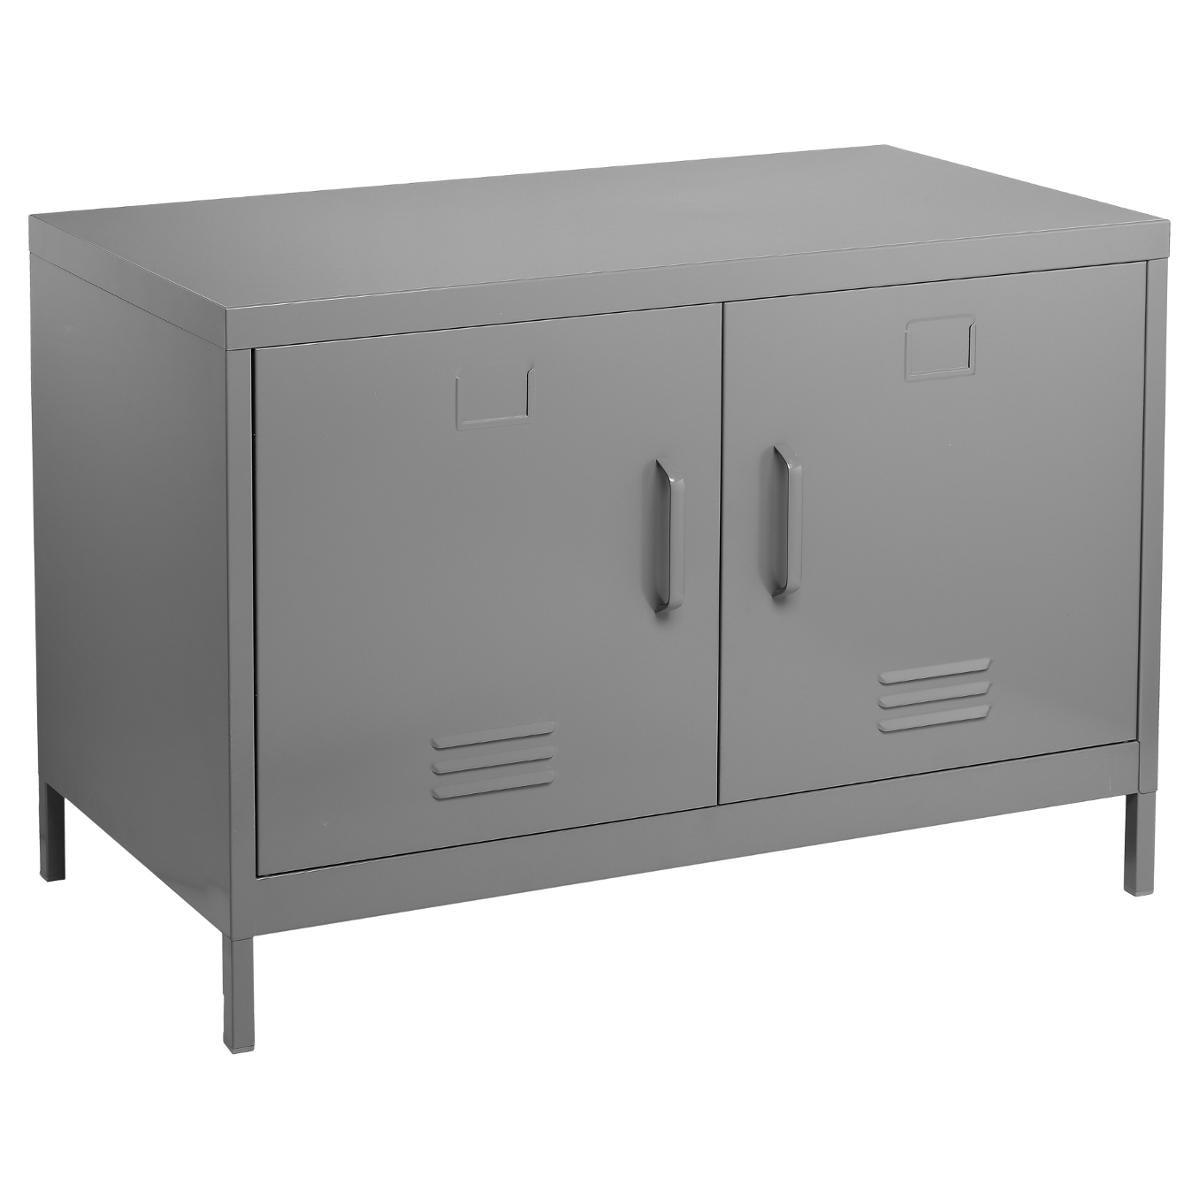 Meuble console buffet bas de rangement 2 portes - Esprit industriel - Atelier - Loft - Coloris GRIS